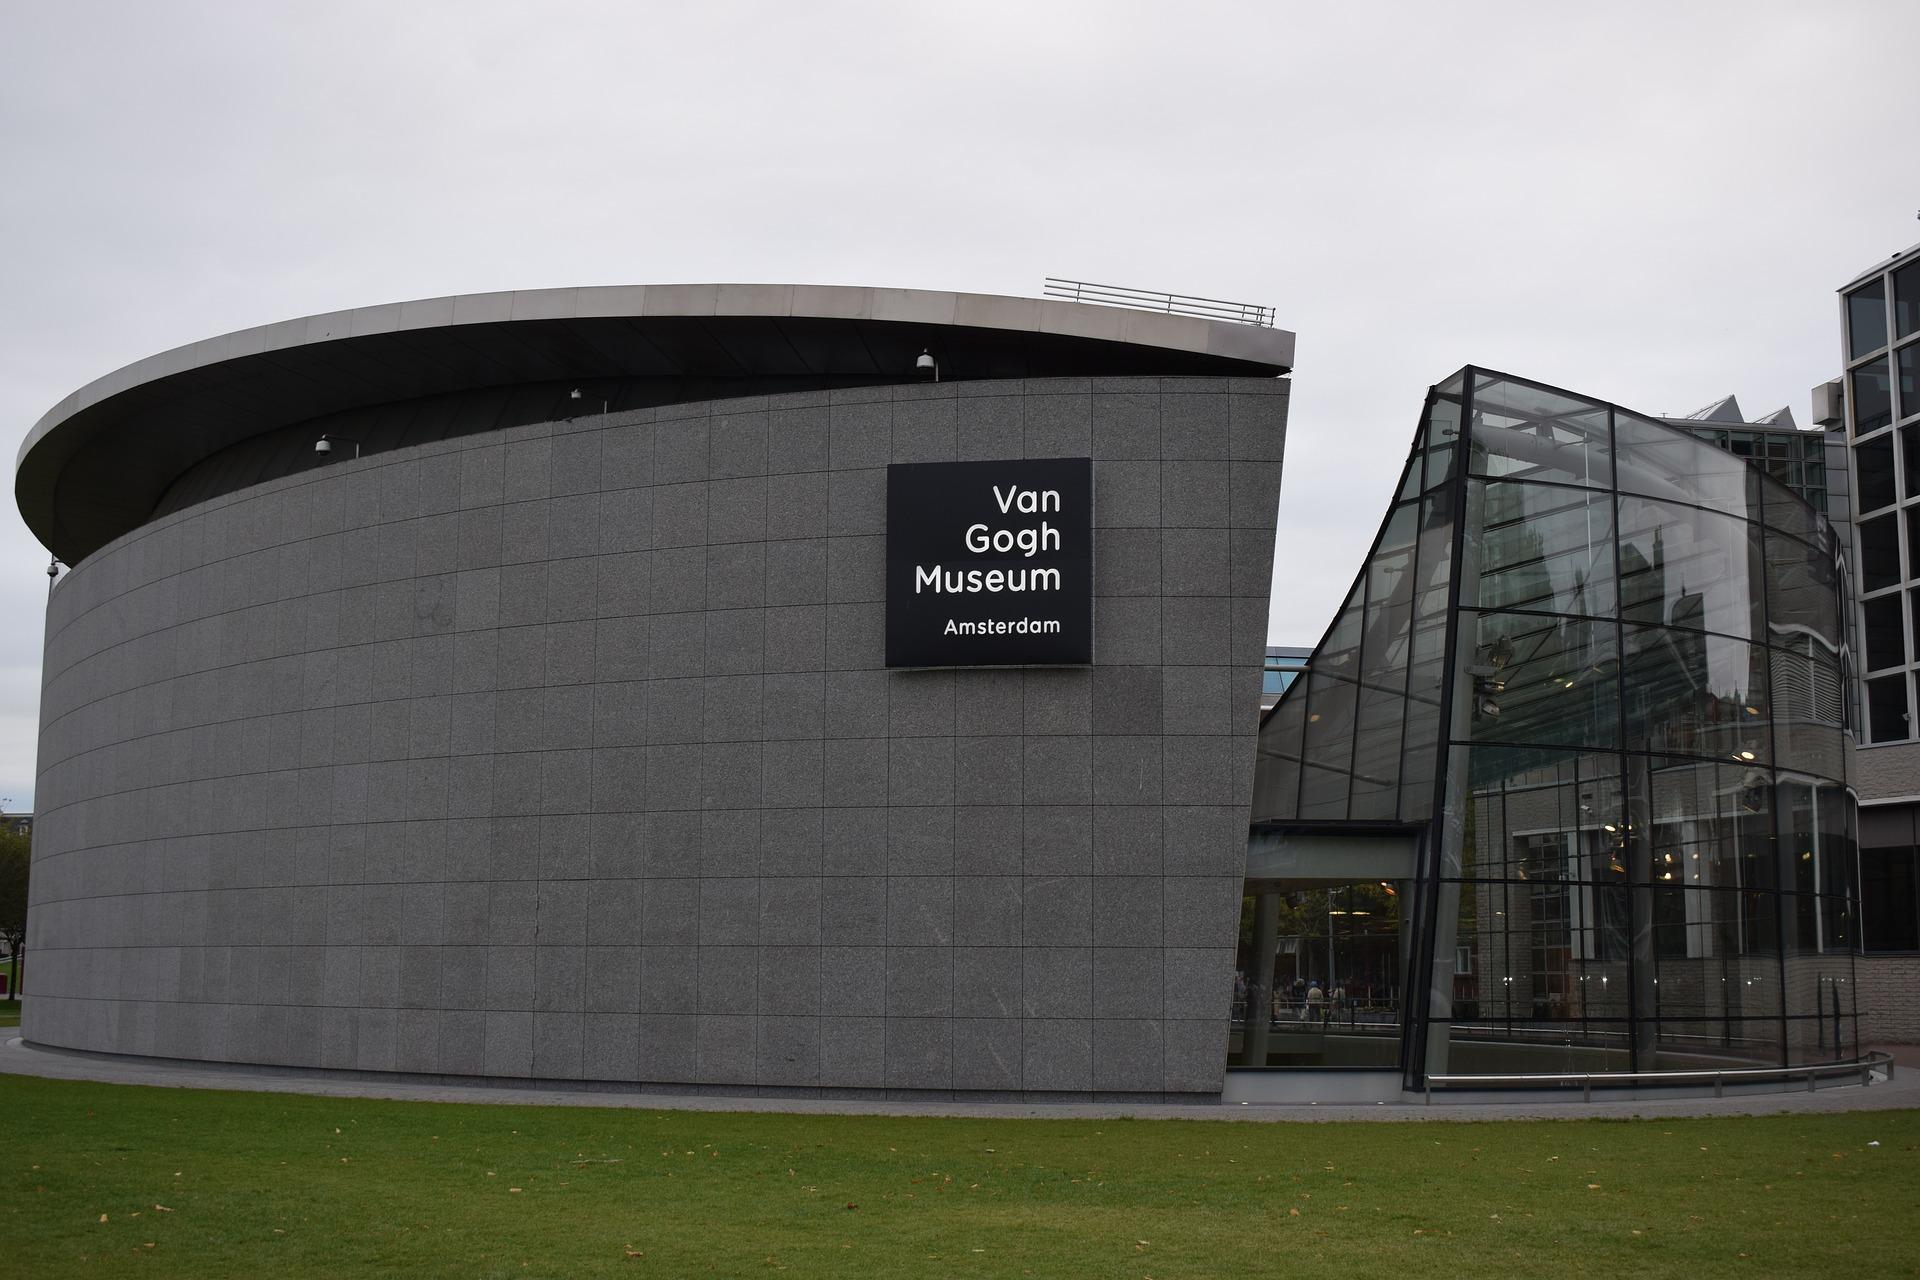 מוזיאון ואן גוך אמסטרדם 2019 – מחירים, כרטיסים וכל המידע שחשוב!